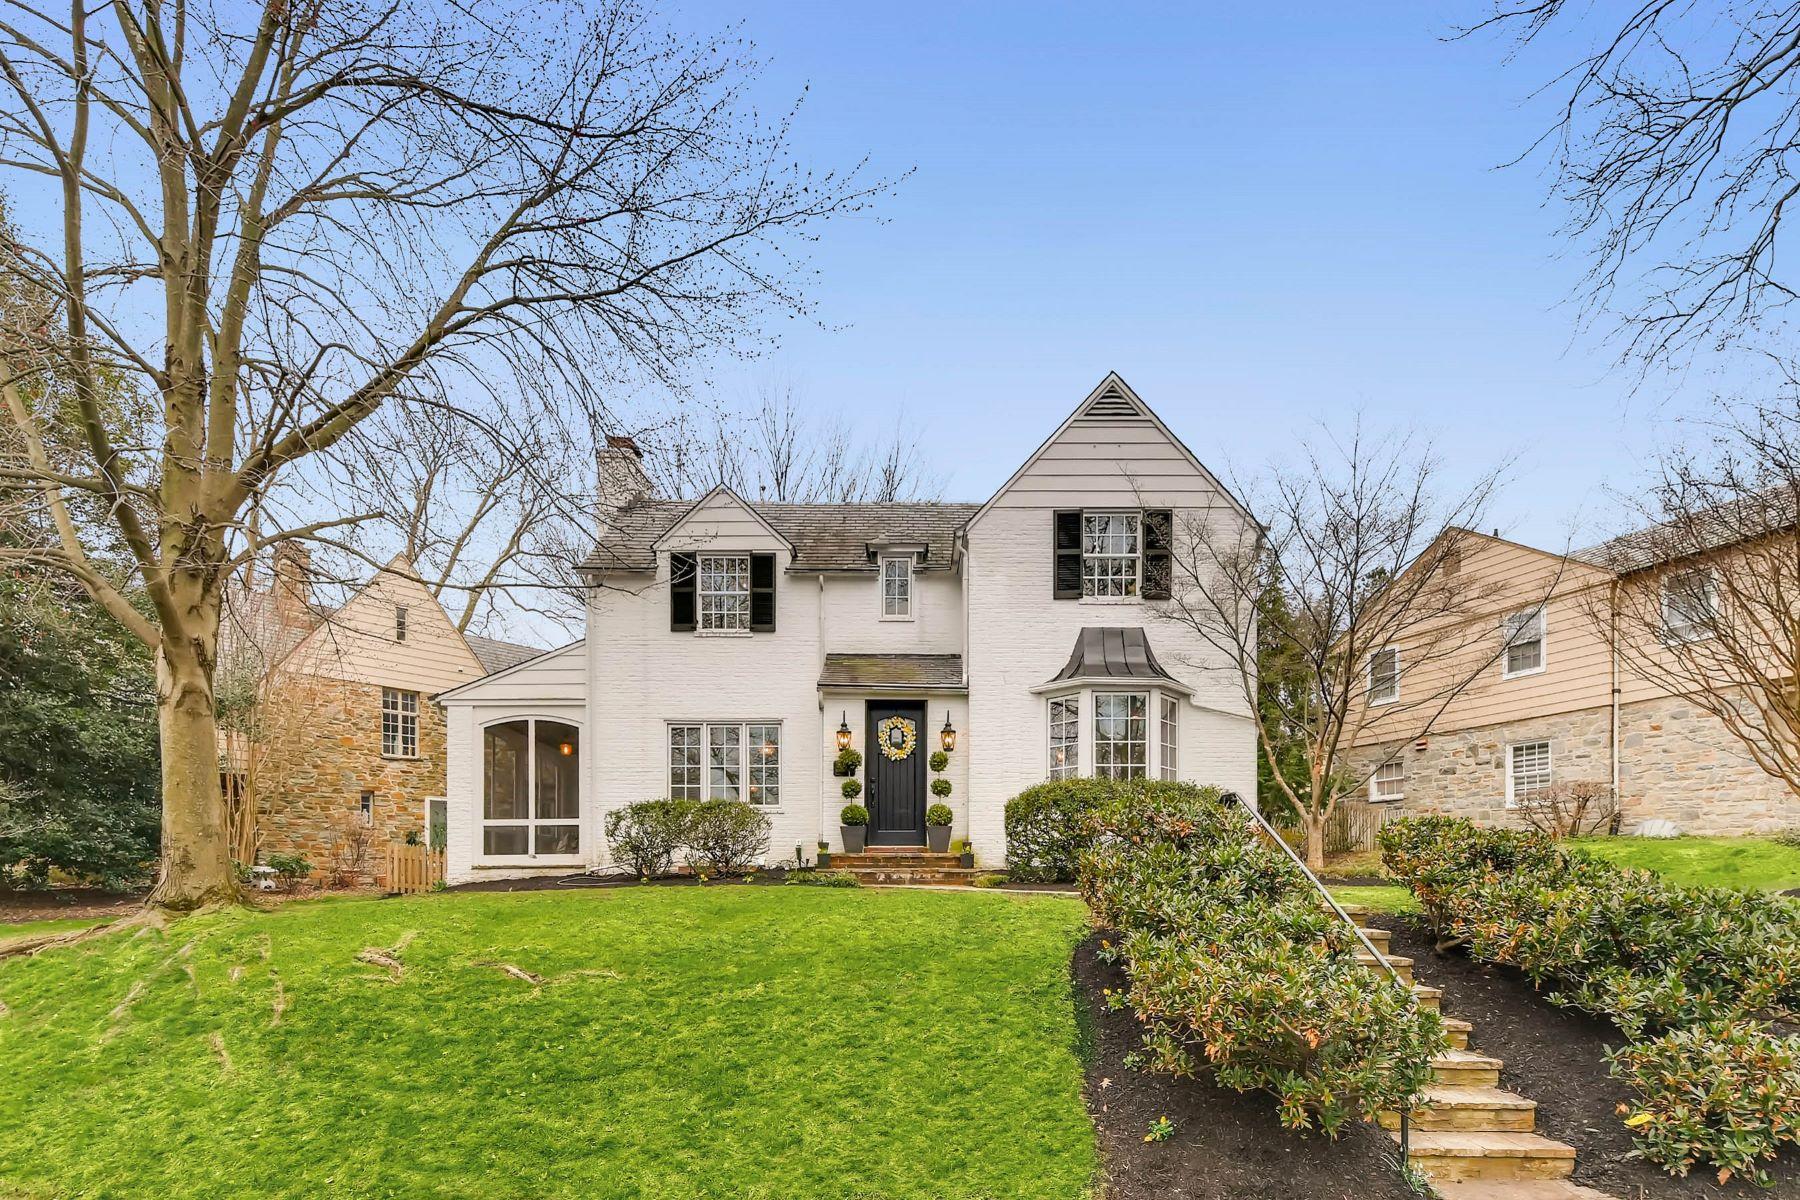 Частный односемейный дом для того Продажа на Homeland 217 Witherspoon Road, Homeland, Baltimore, Мэриленд, 21212 Соединенные Штаты